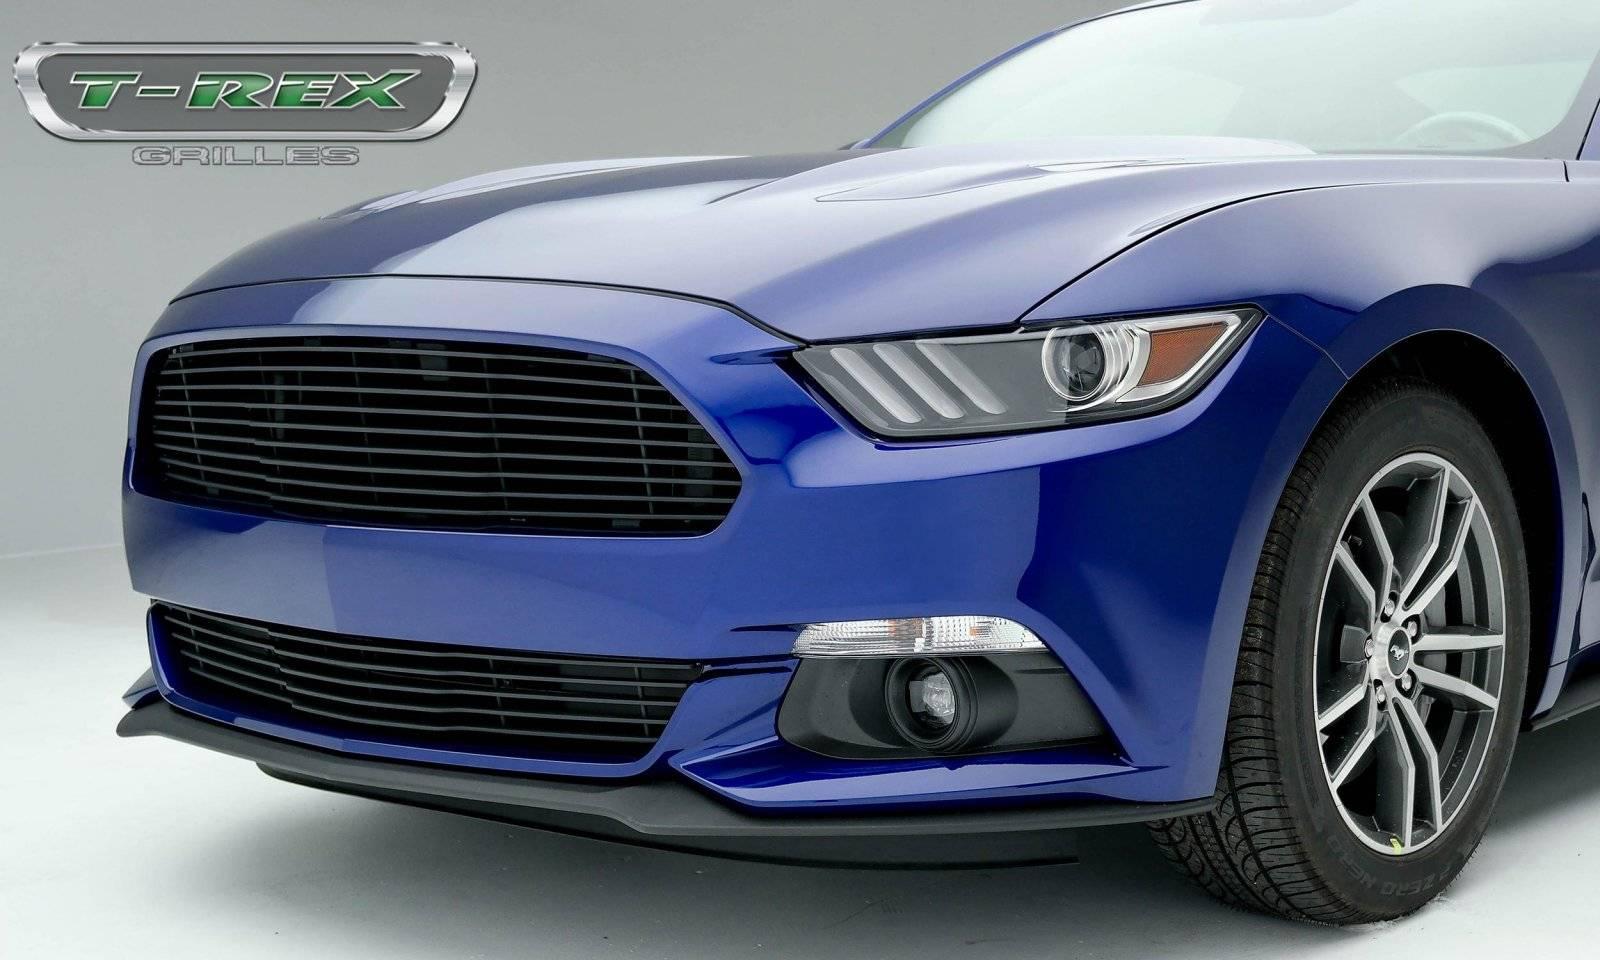 2015 Mustang Gt Black >> 2015 2017 Mustang Gt Laser Billet Bumper Grille Black 1 Pc Overlay Pn 6225301